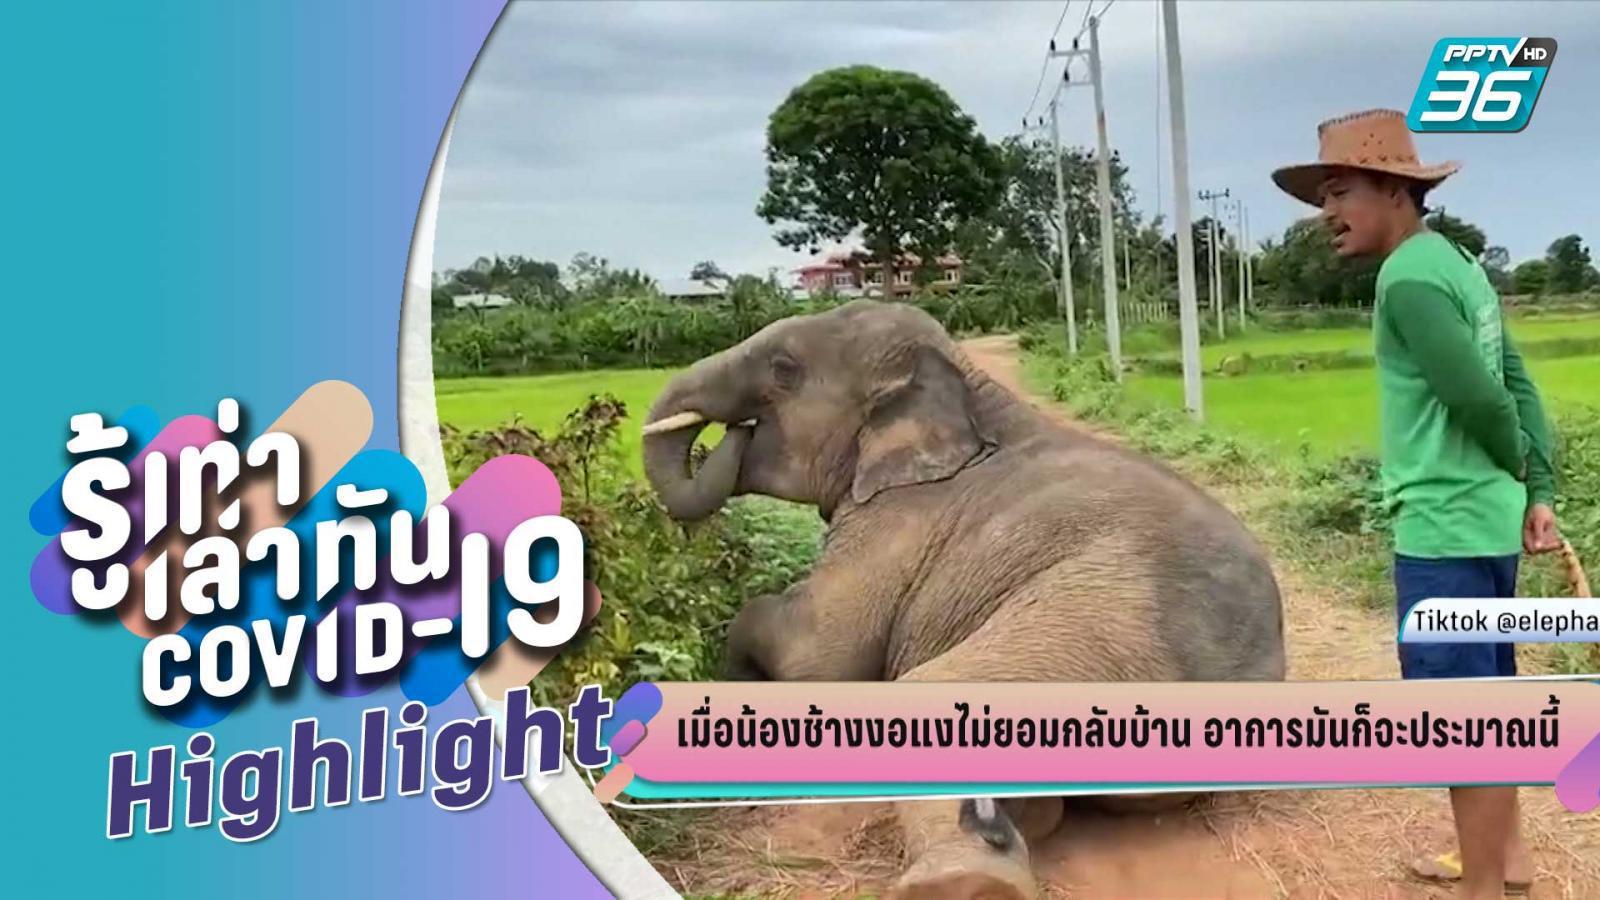 บางกอกซิตี้ เลขที่ 36 | เมื่อน้องช้างงอแงไม่ยอมกลับบ้าน | PPTV HD 36